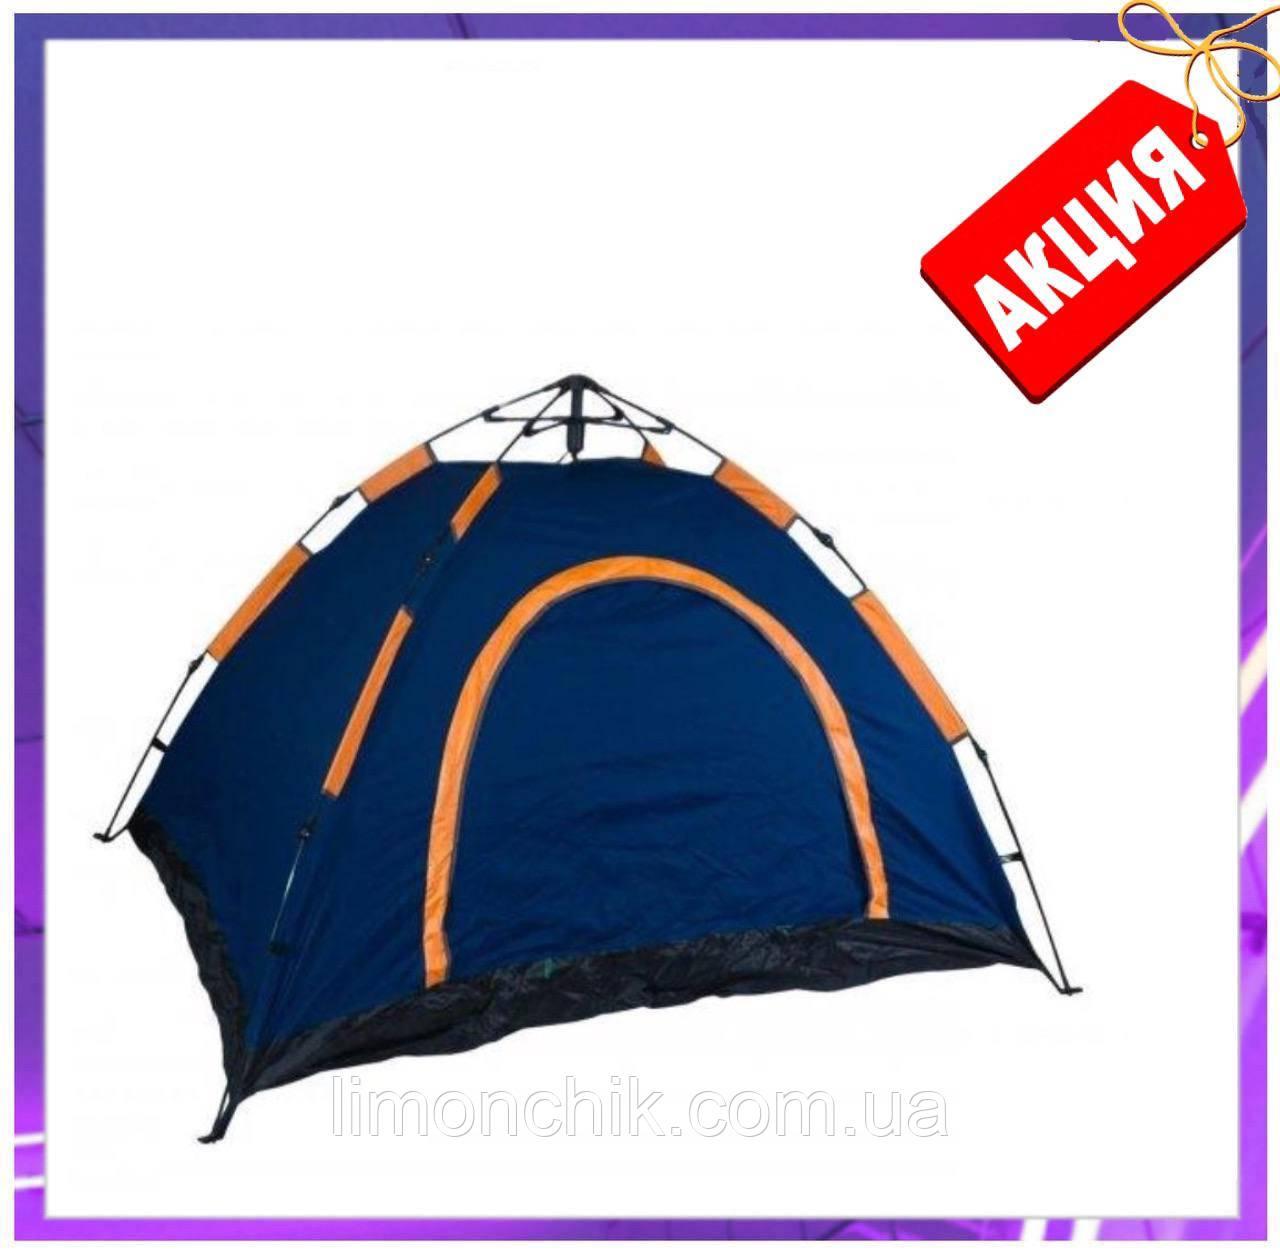 Палатка 3х местная автоматическая туристическая кемпинговая с вентиляцией универсальная для кемпинга